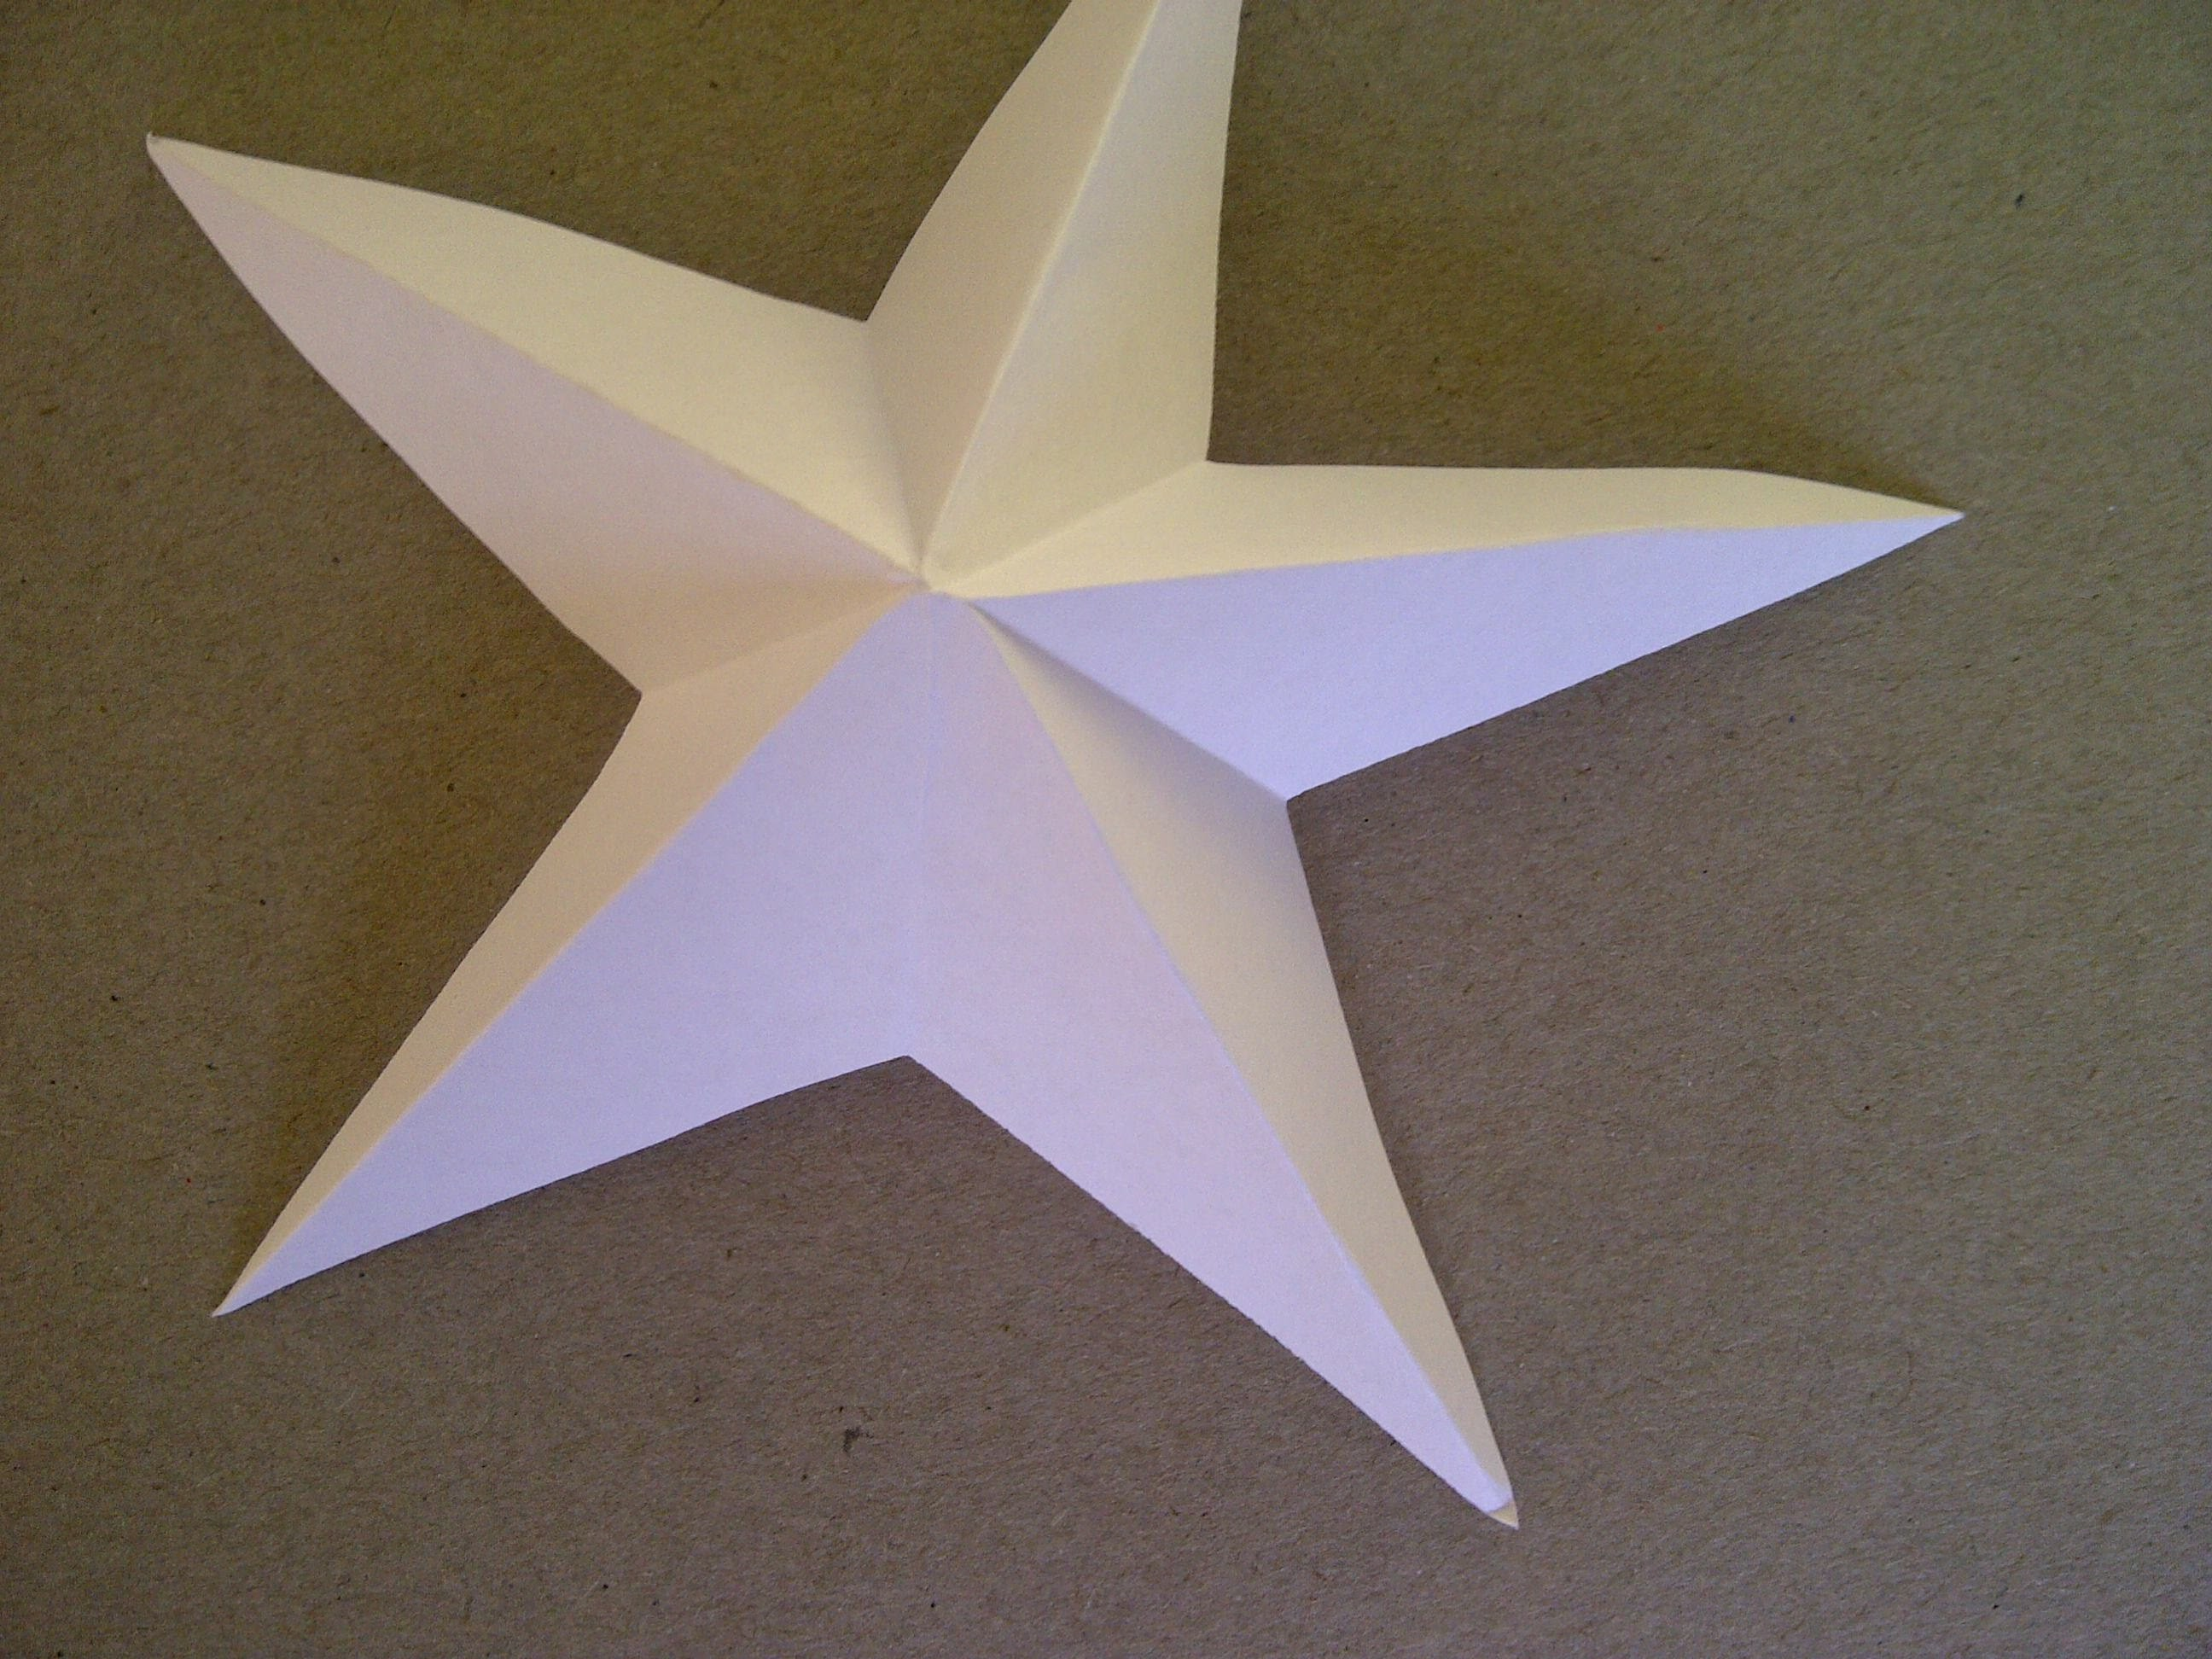 3D-Sterne basteln.  5-zackiger Stern aus Papier falten sehr einfach.